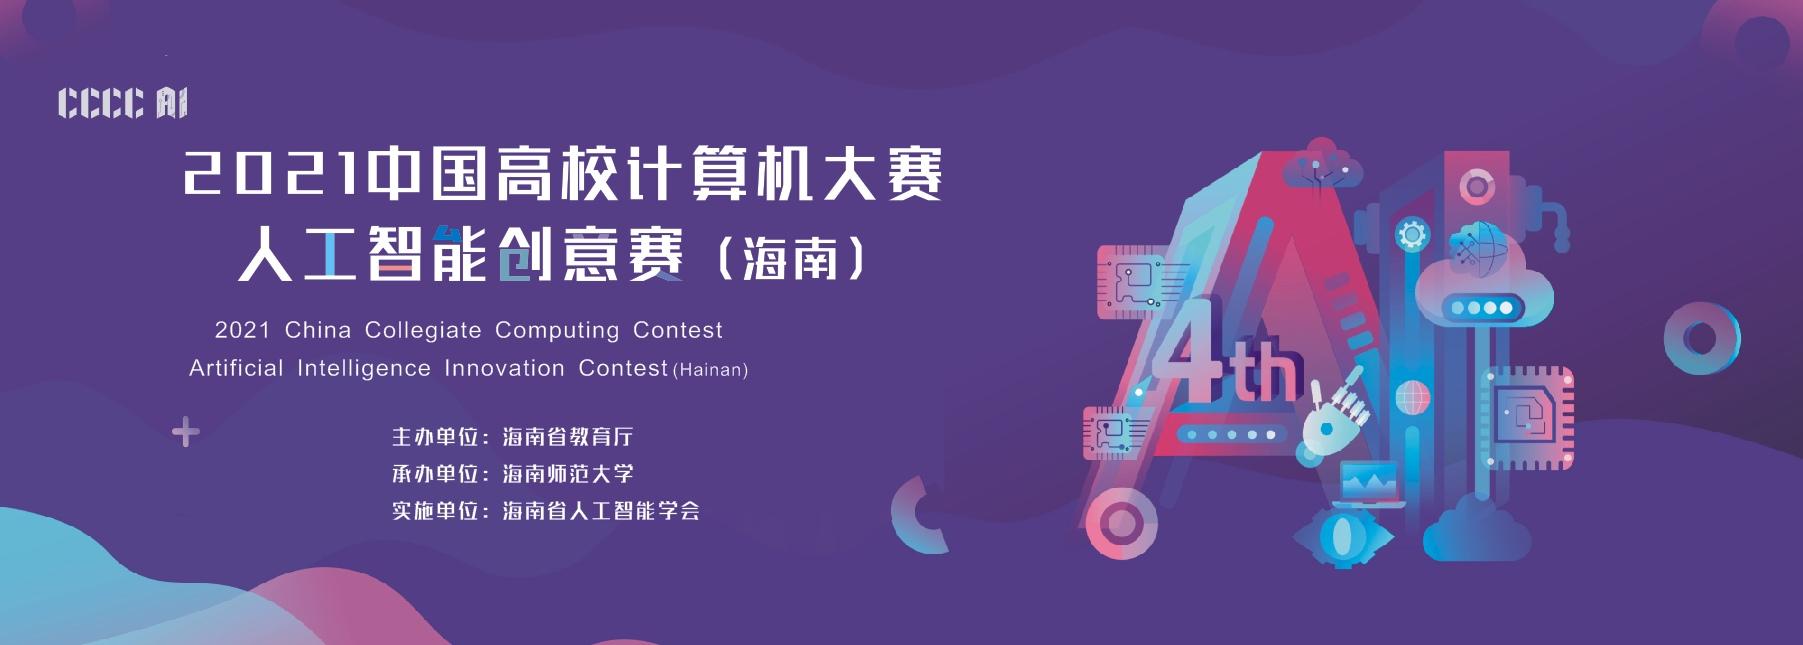 """2021年""""中国高校计算机大赛-人工智能创意赛"""" (海南赛区)"""